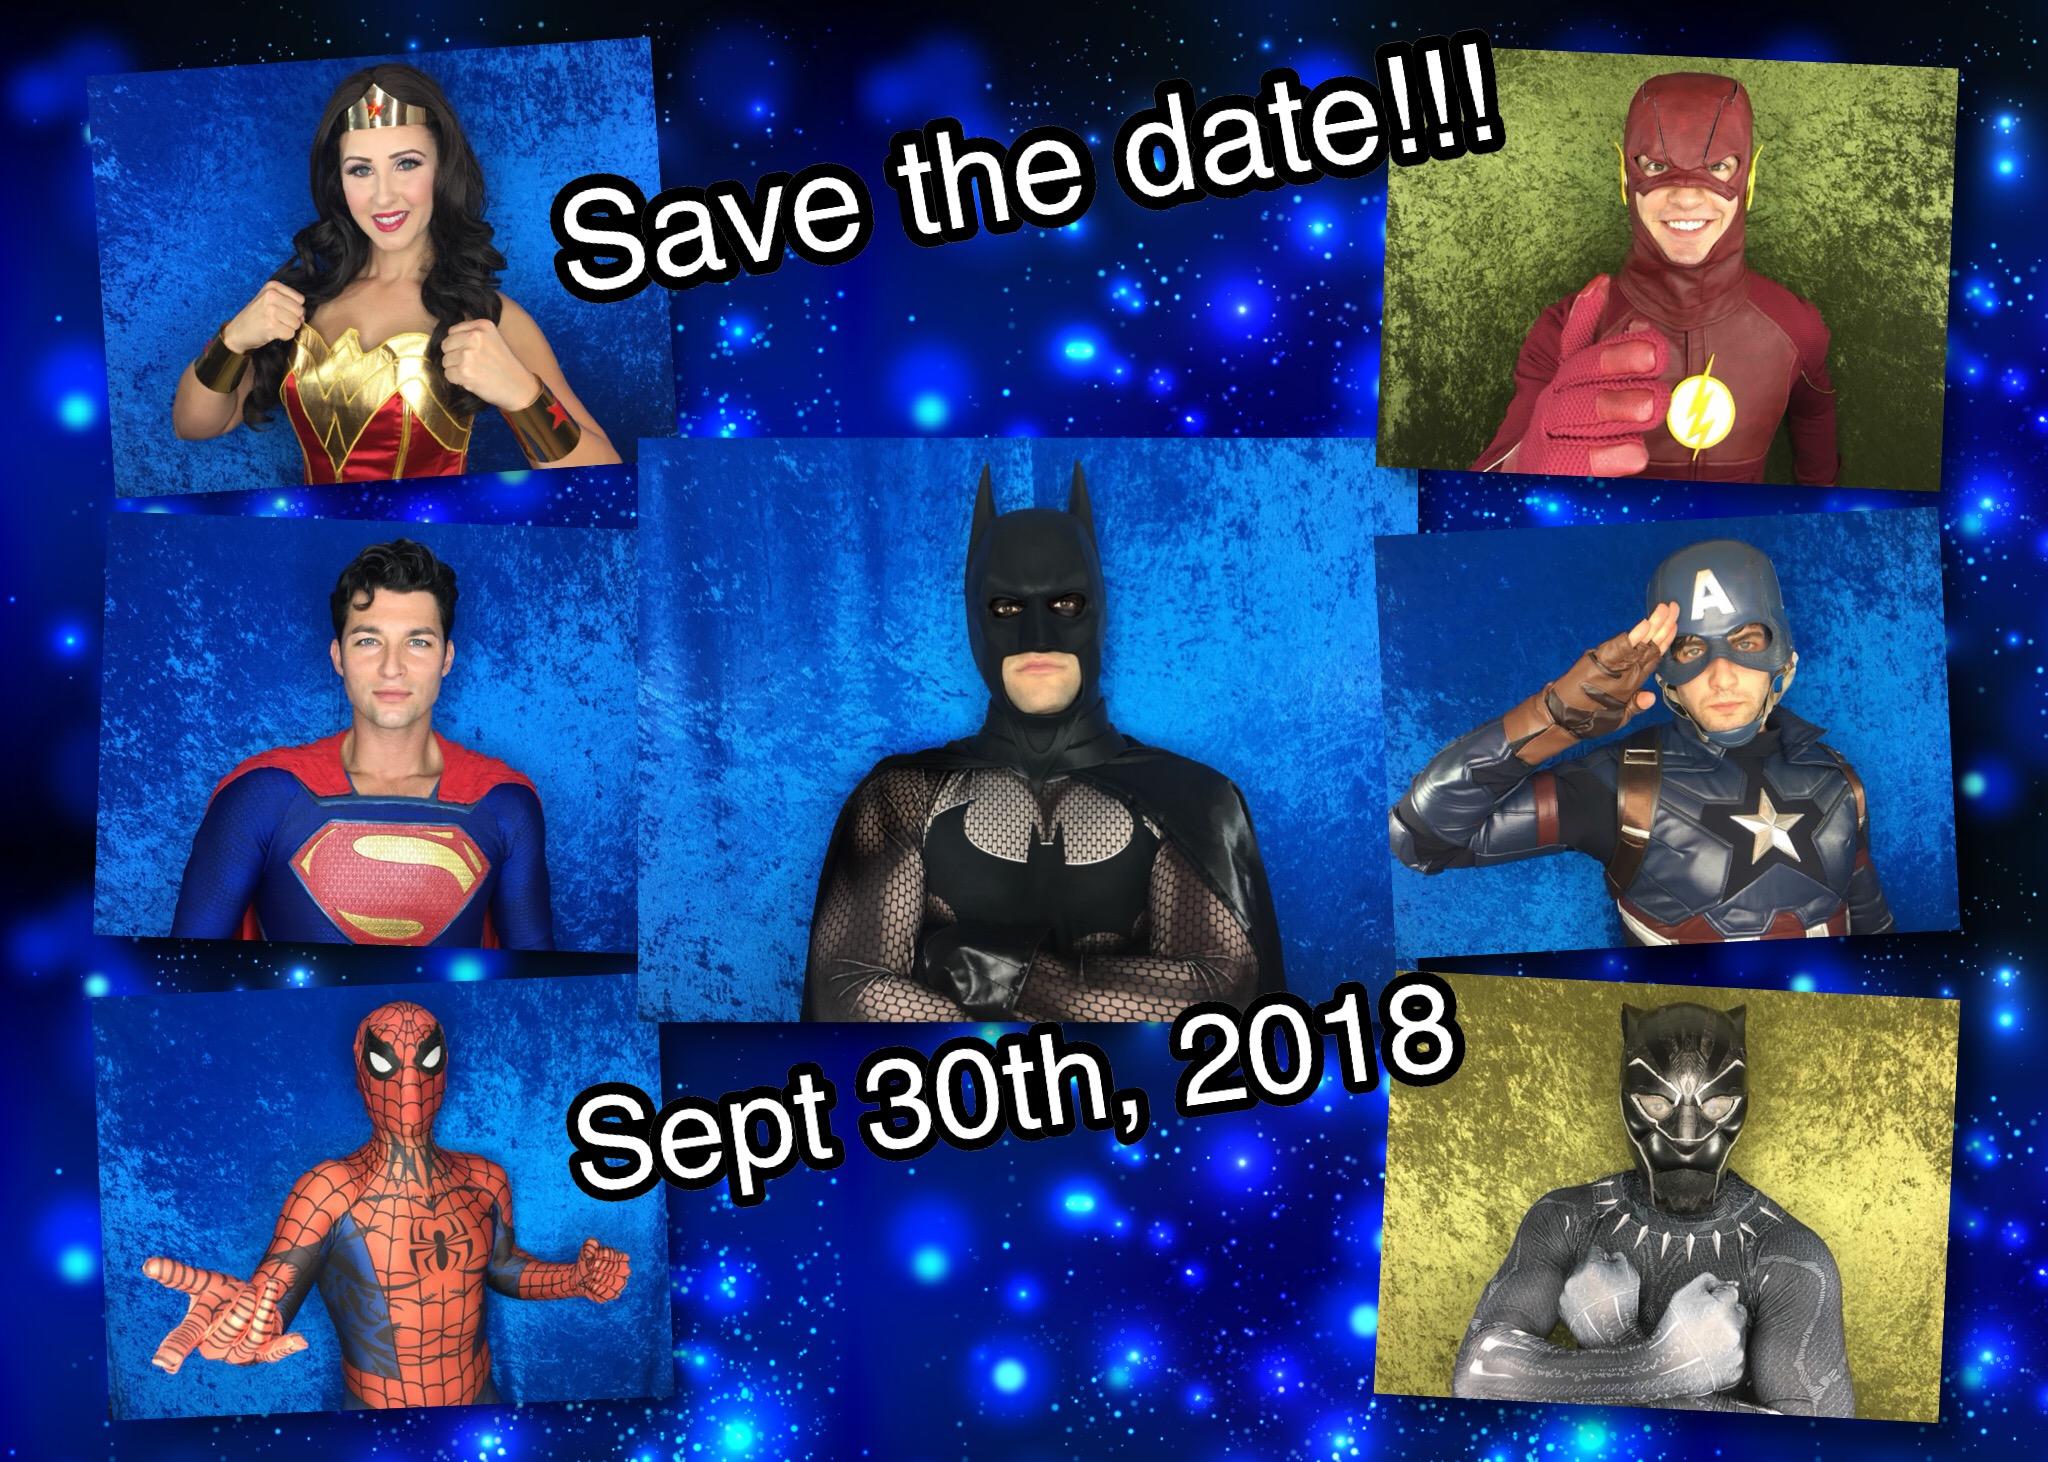 Superhero Meet And Greet Scavenger Hunt Tickets Sun Sep 30 2018